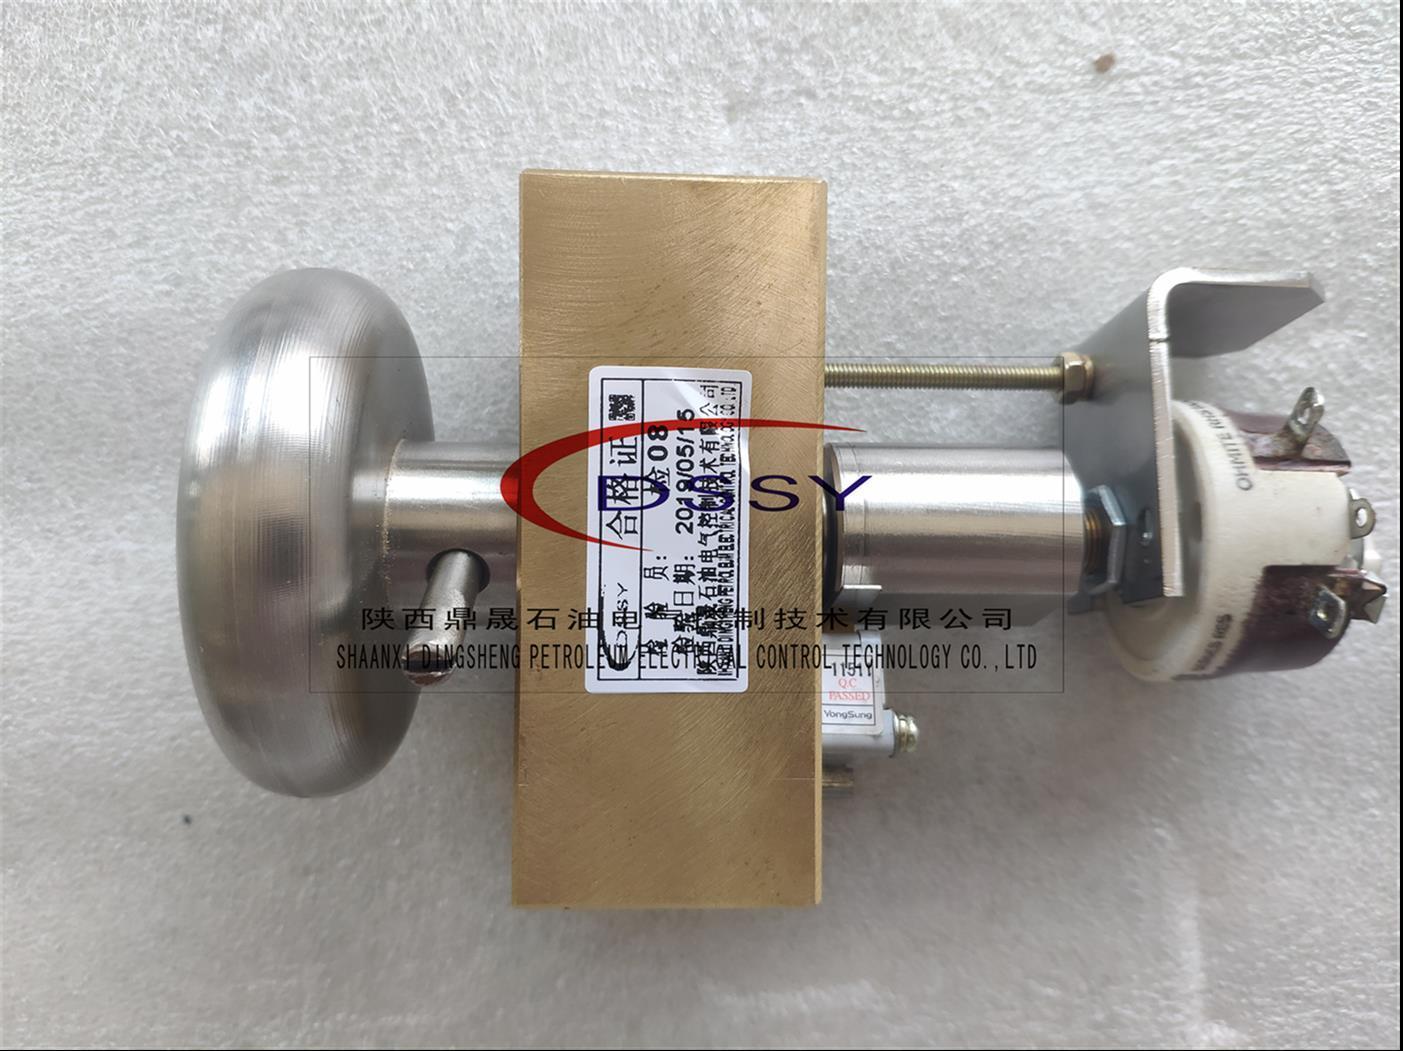 罗斯海尔ROSSHILL柴油机电控系统手轮总成单联